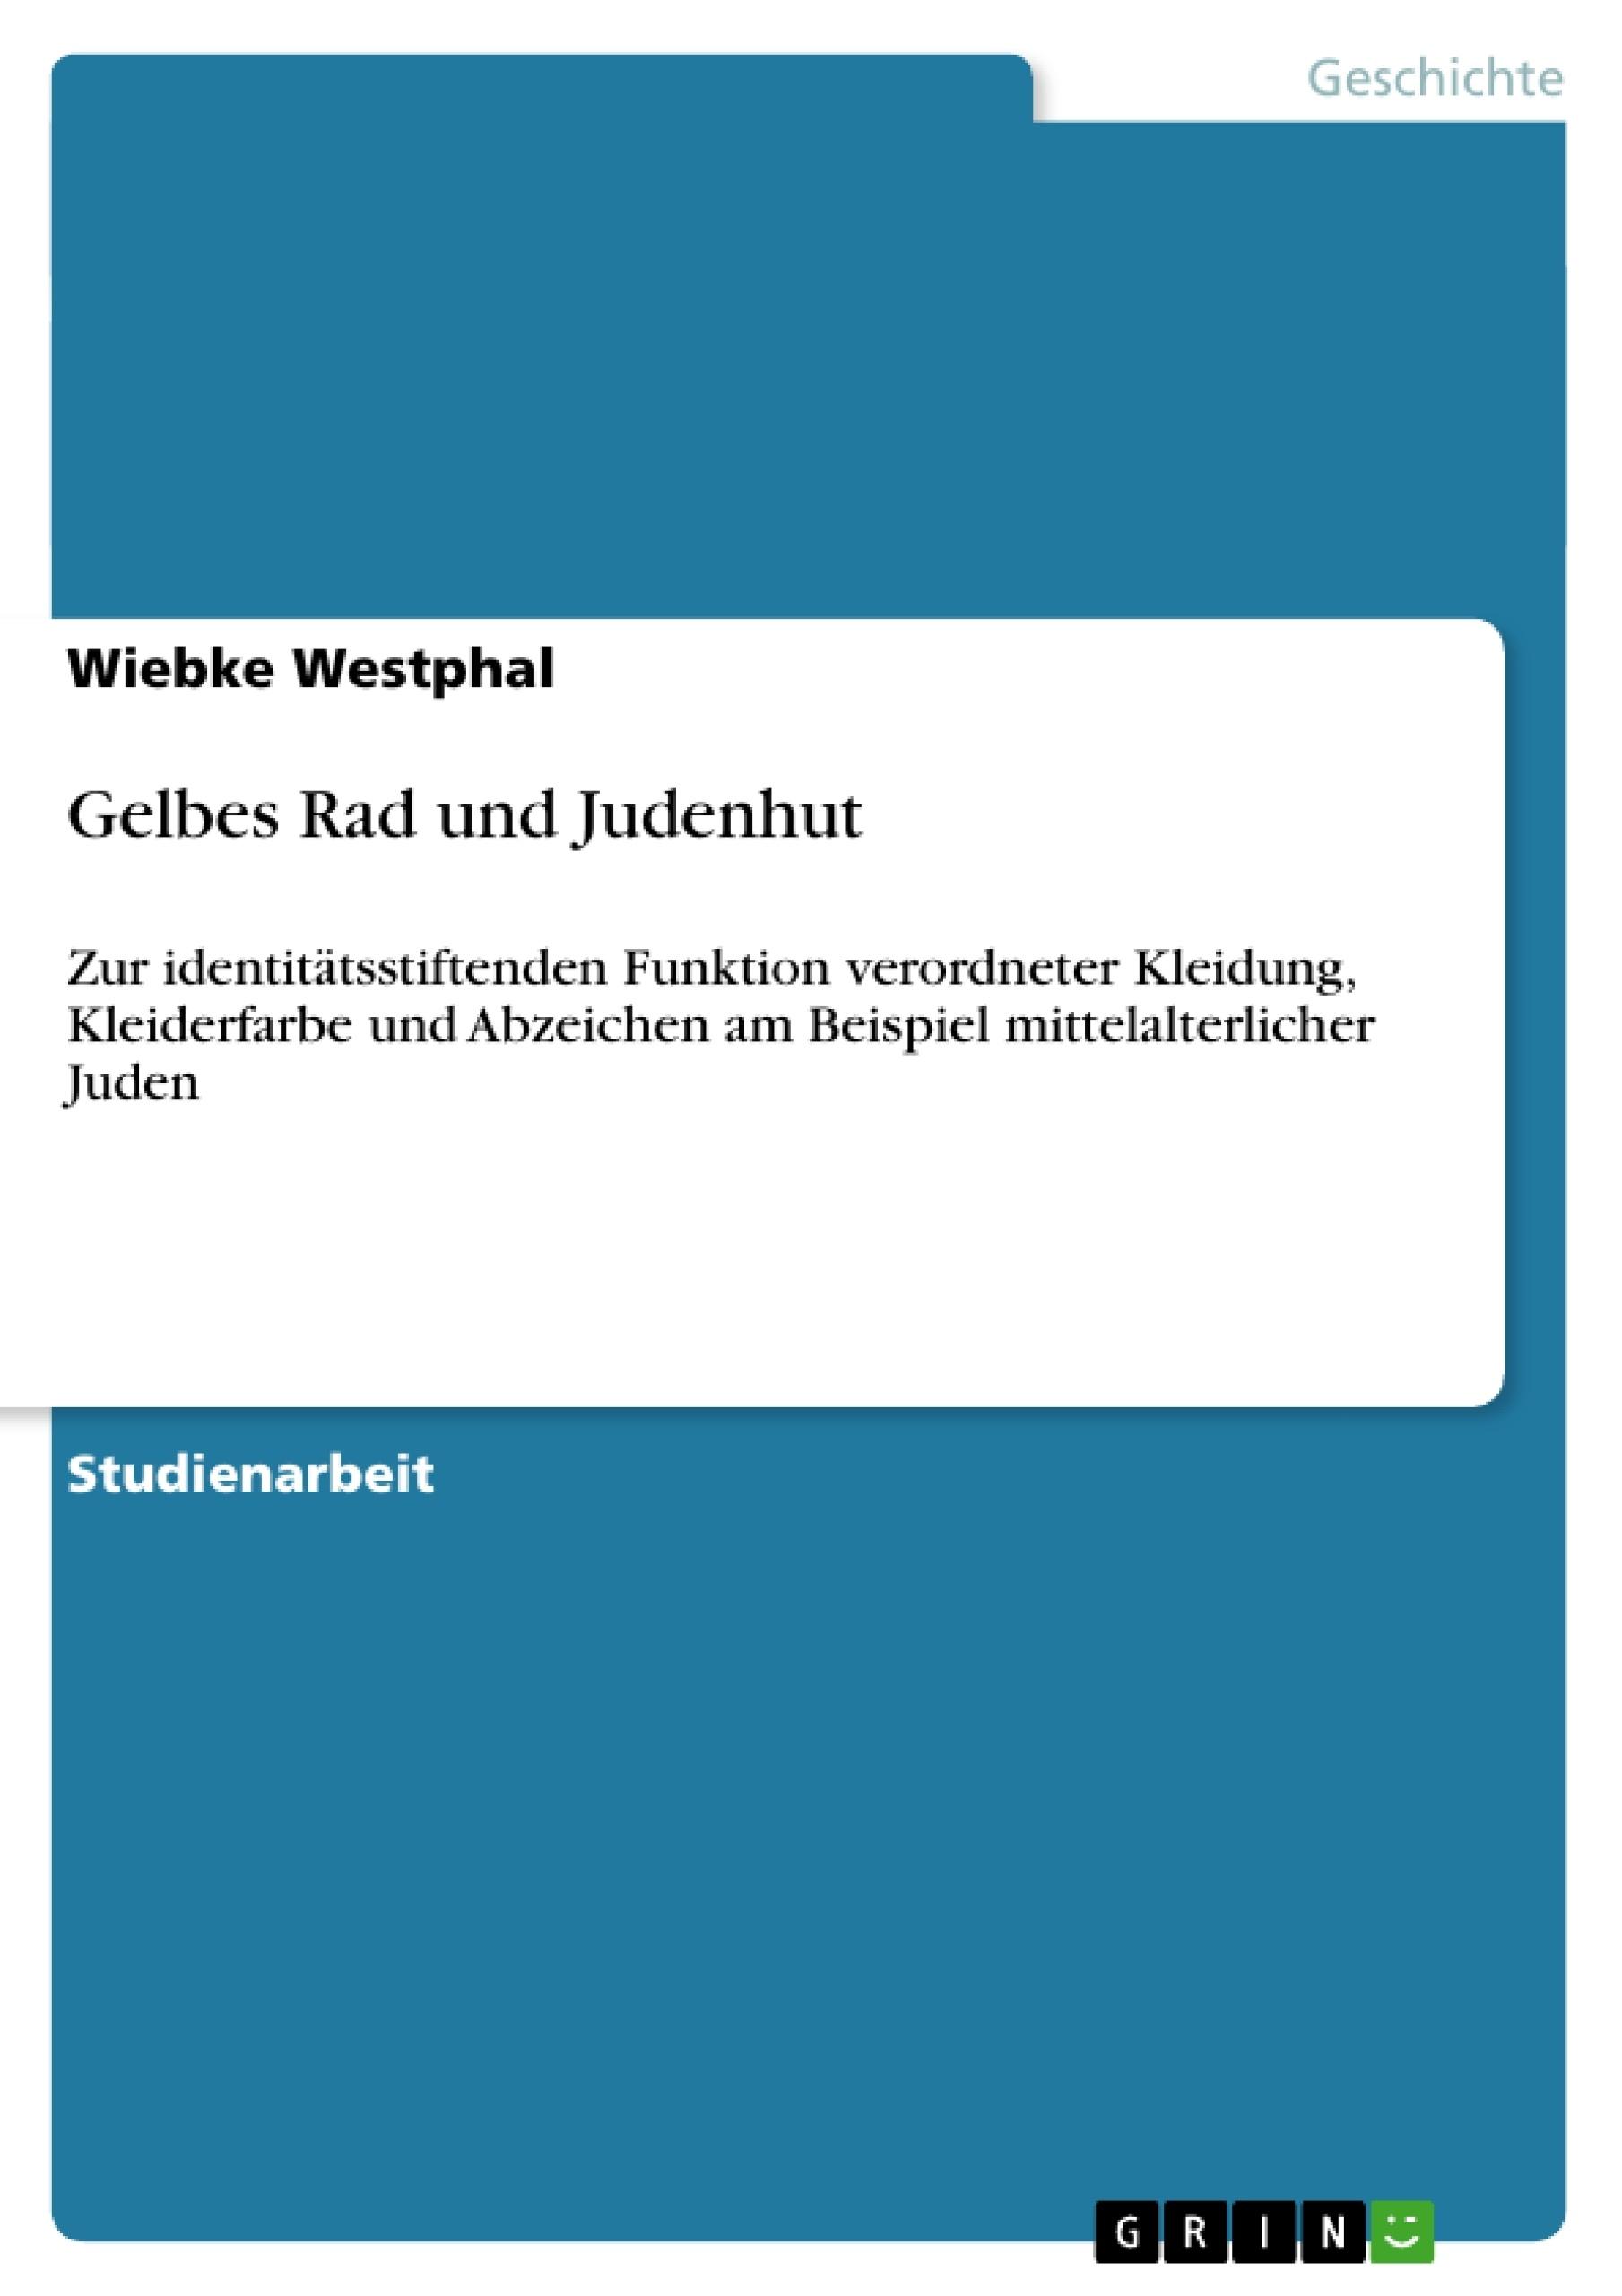 GRIN   Gelbes Rad und Judenhut